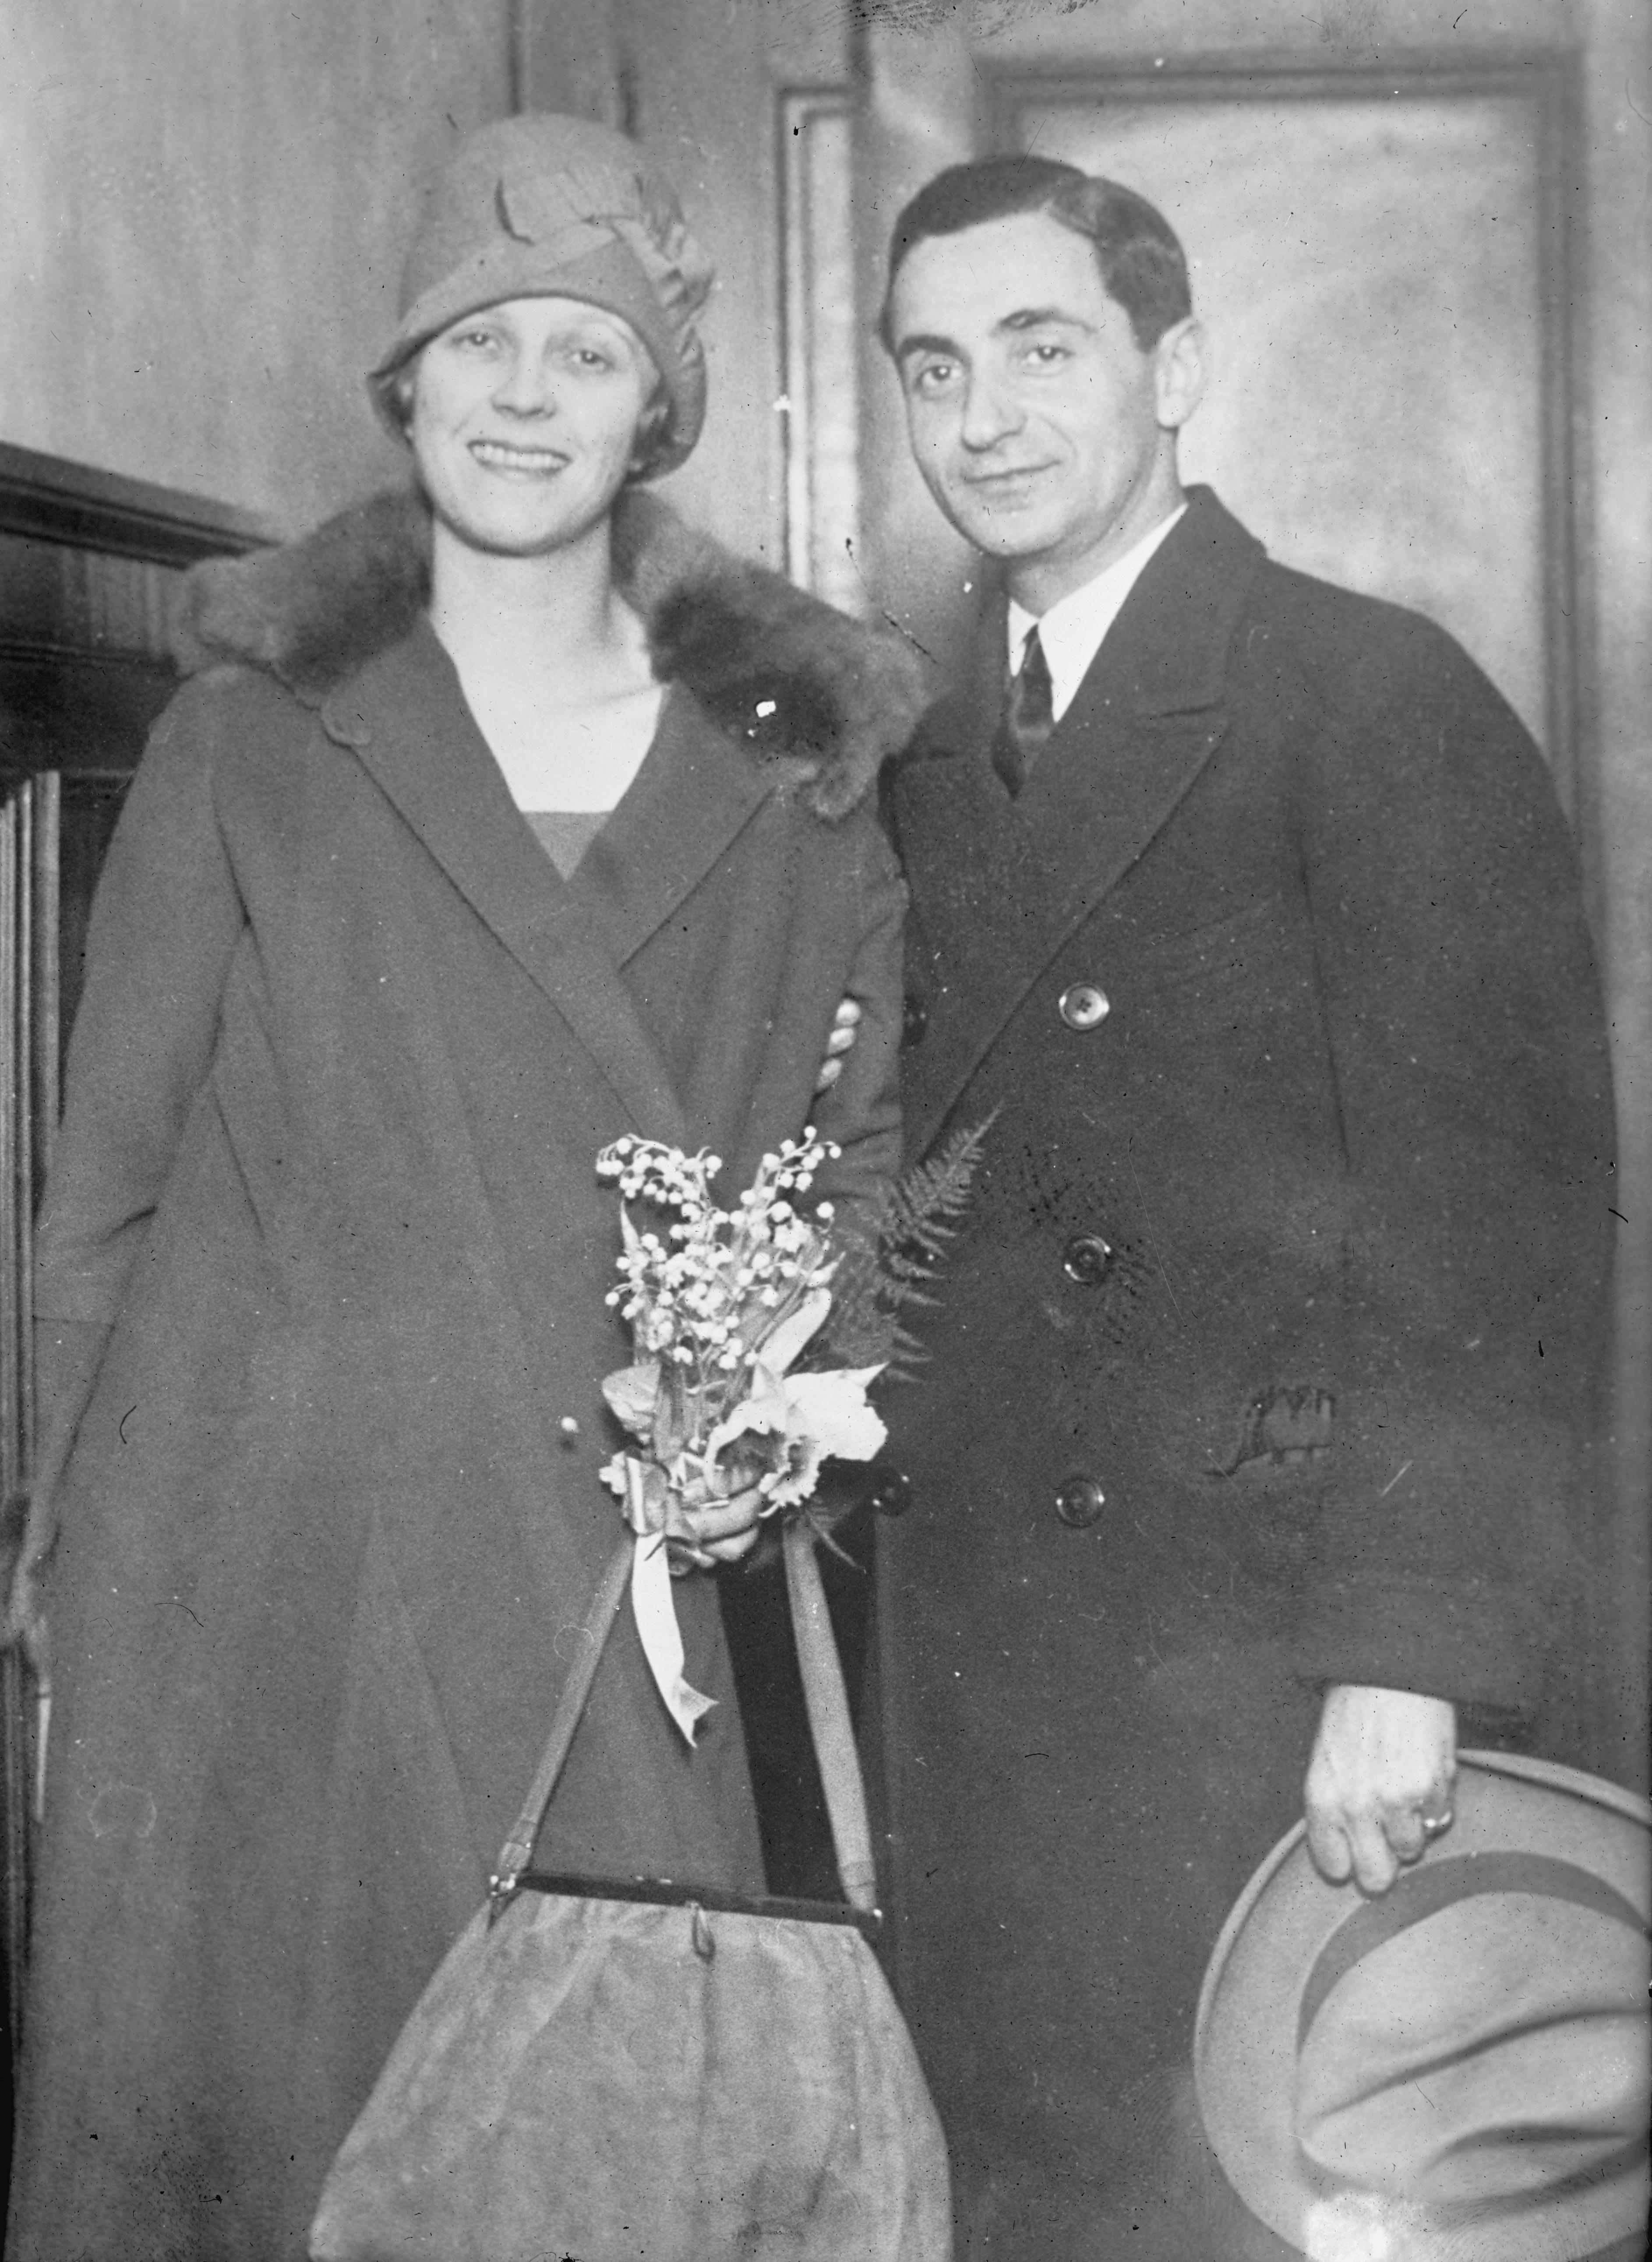 Berlin con su esposa Ellin Mackay hacia 1920.